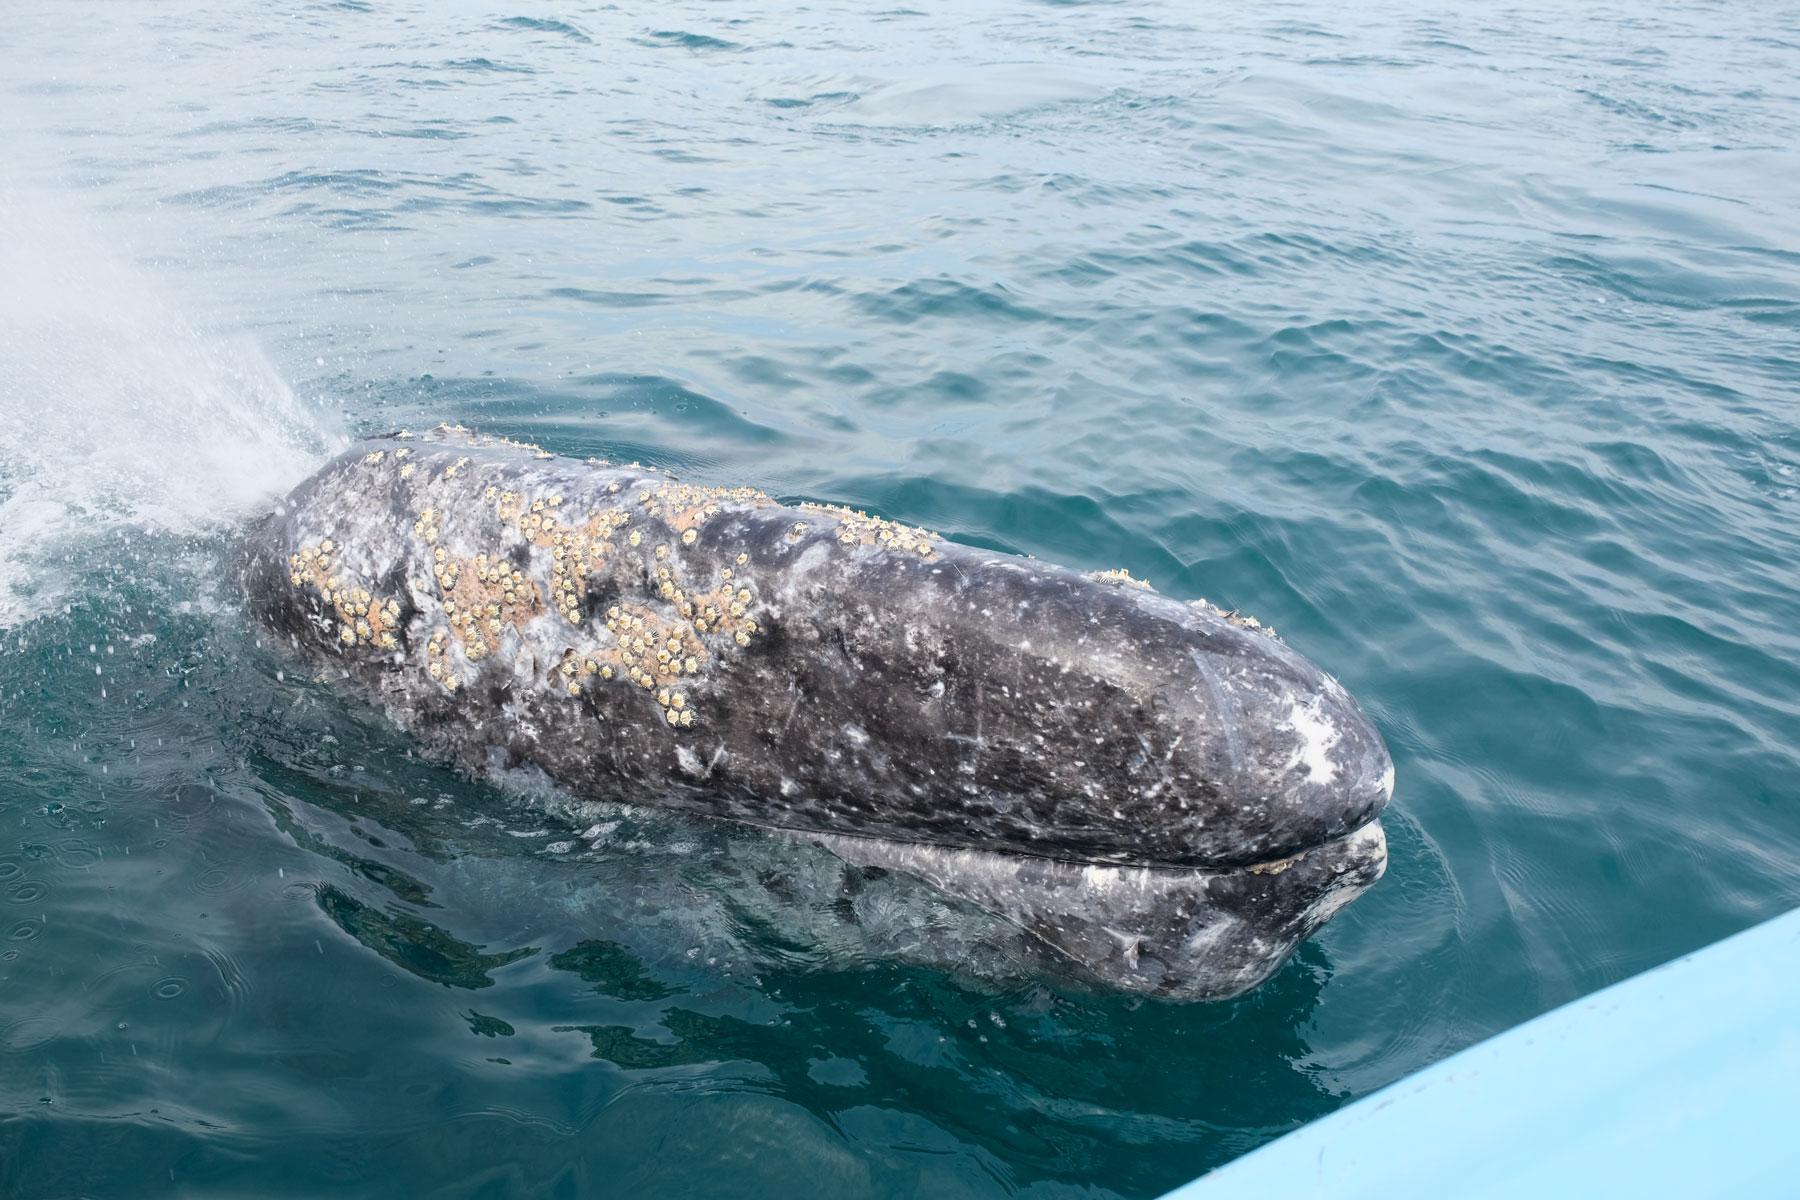 Der Kopf eines Grauwals kommt nur Zentimeter von unserem Boot entfernt aus dem Wasser heraus.